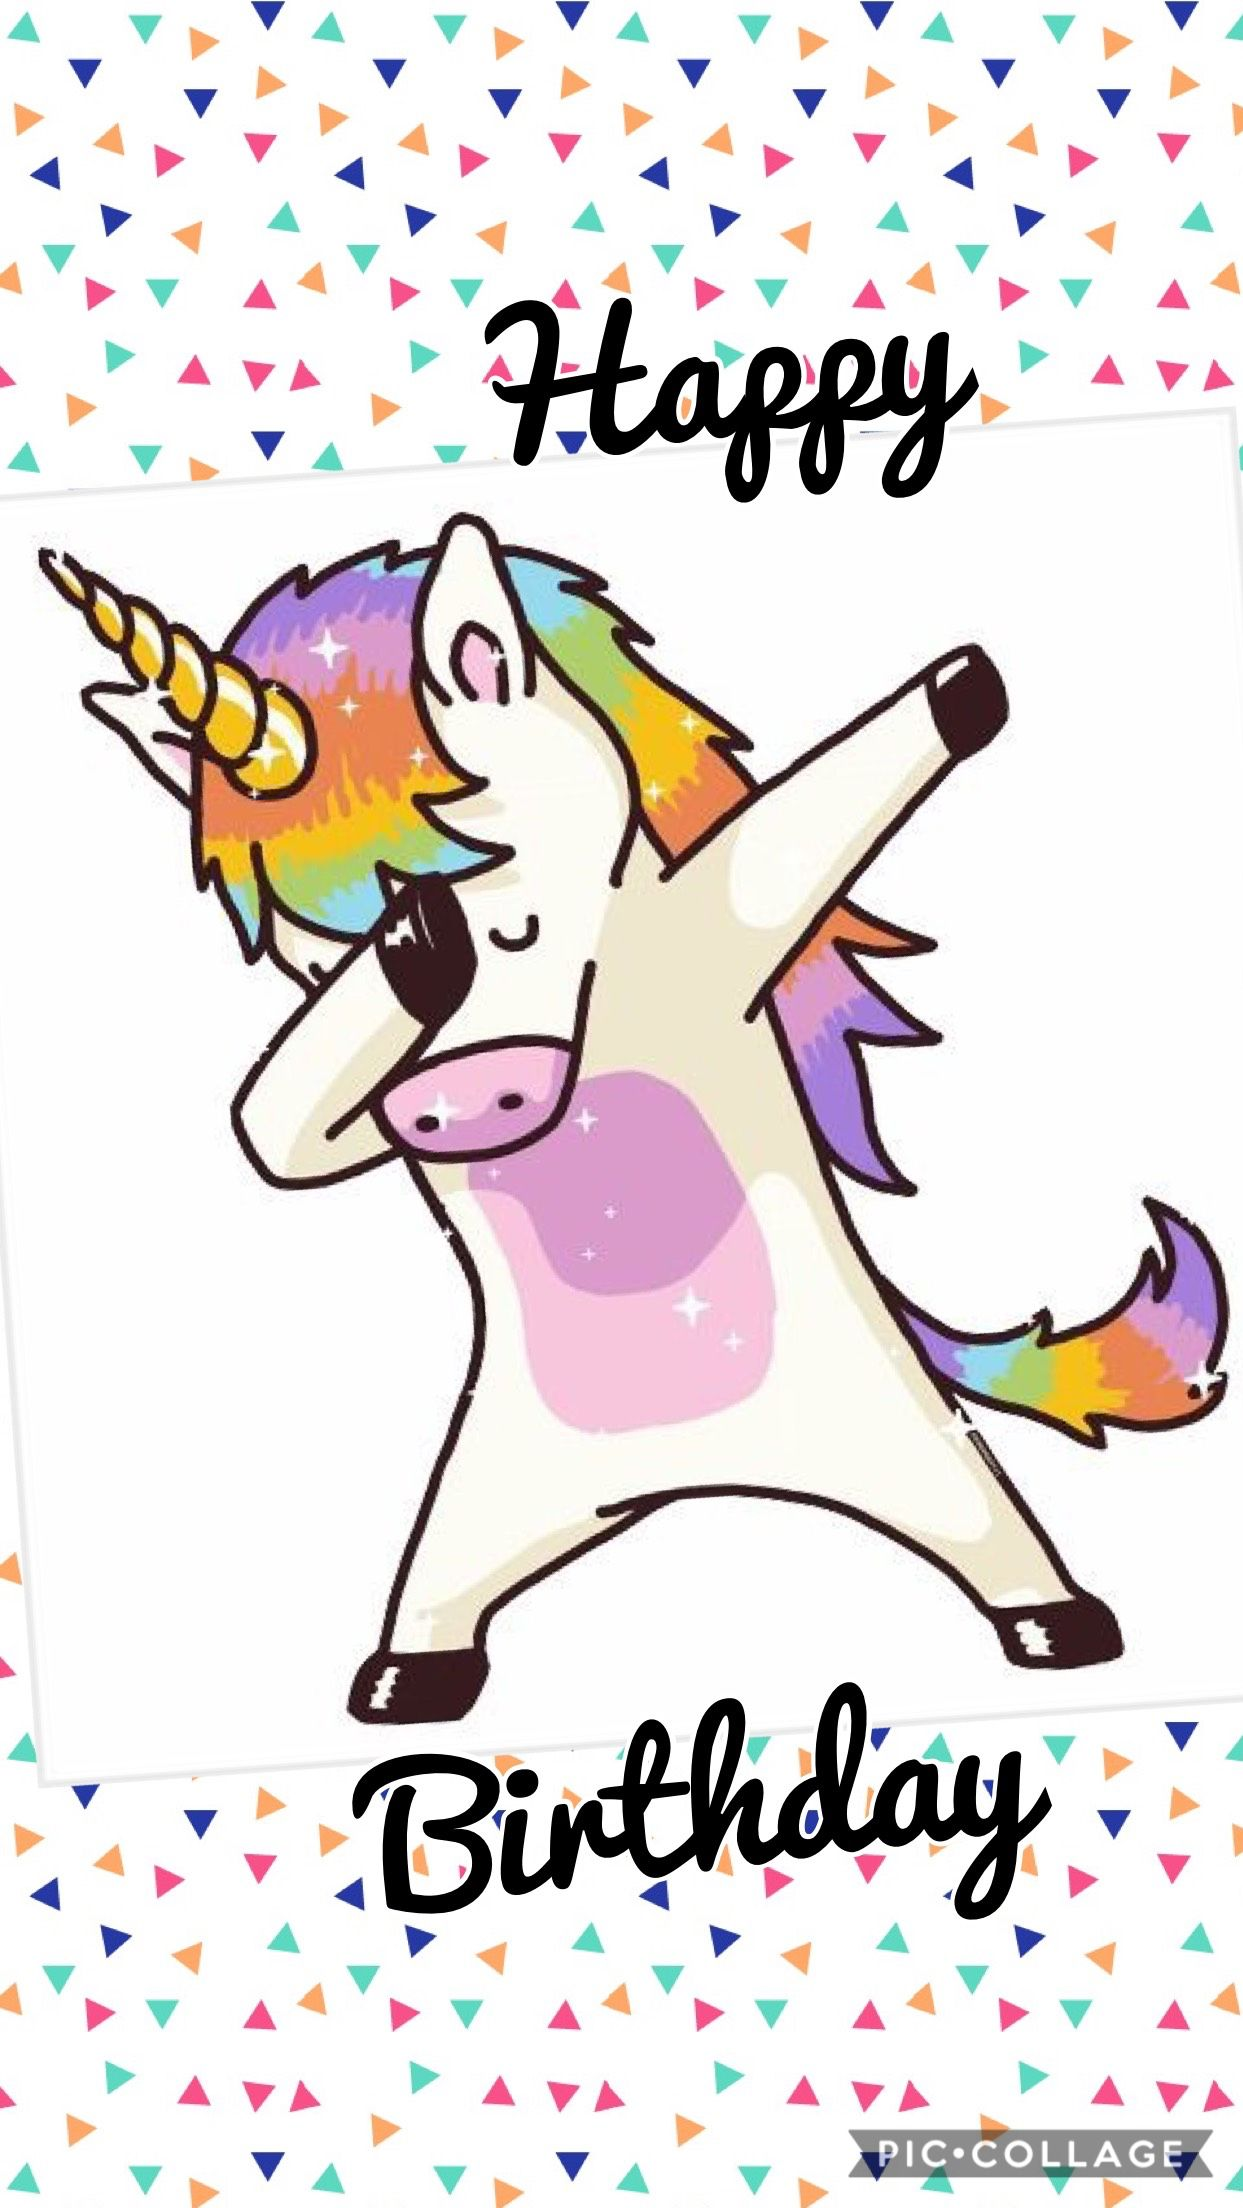 Happy Birthday Meme For Kids : happy, birthday, Garcia, Happy, Birthdays!, Birthday, Funny, Wishes,, Humor